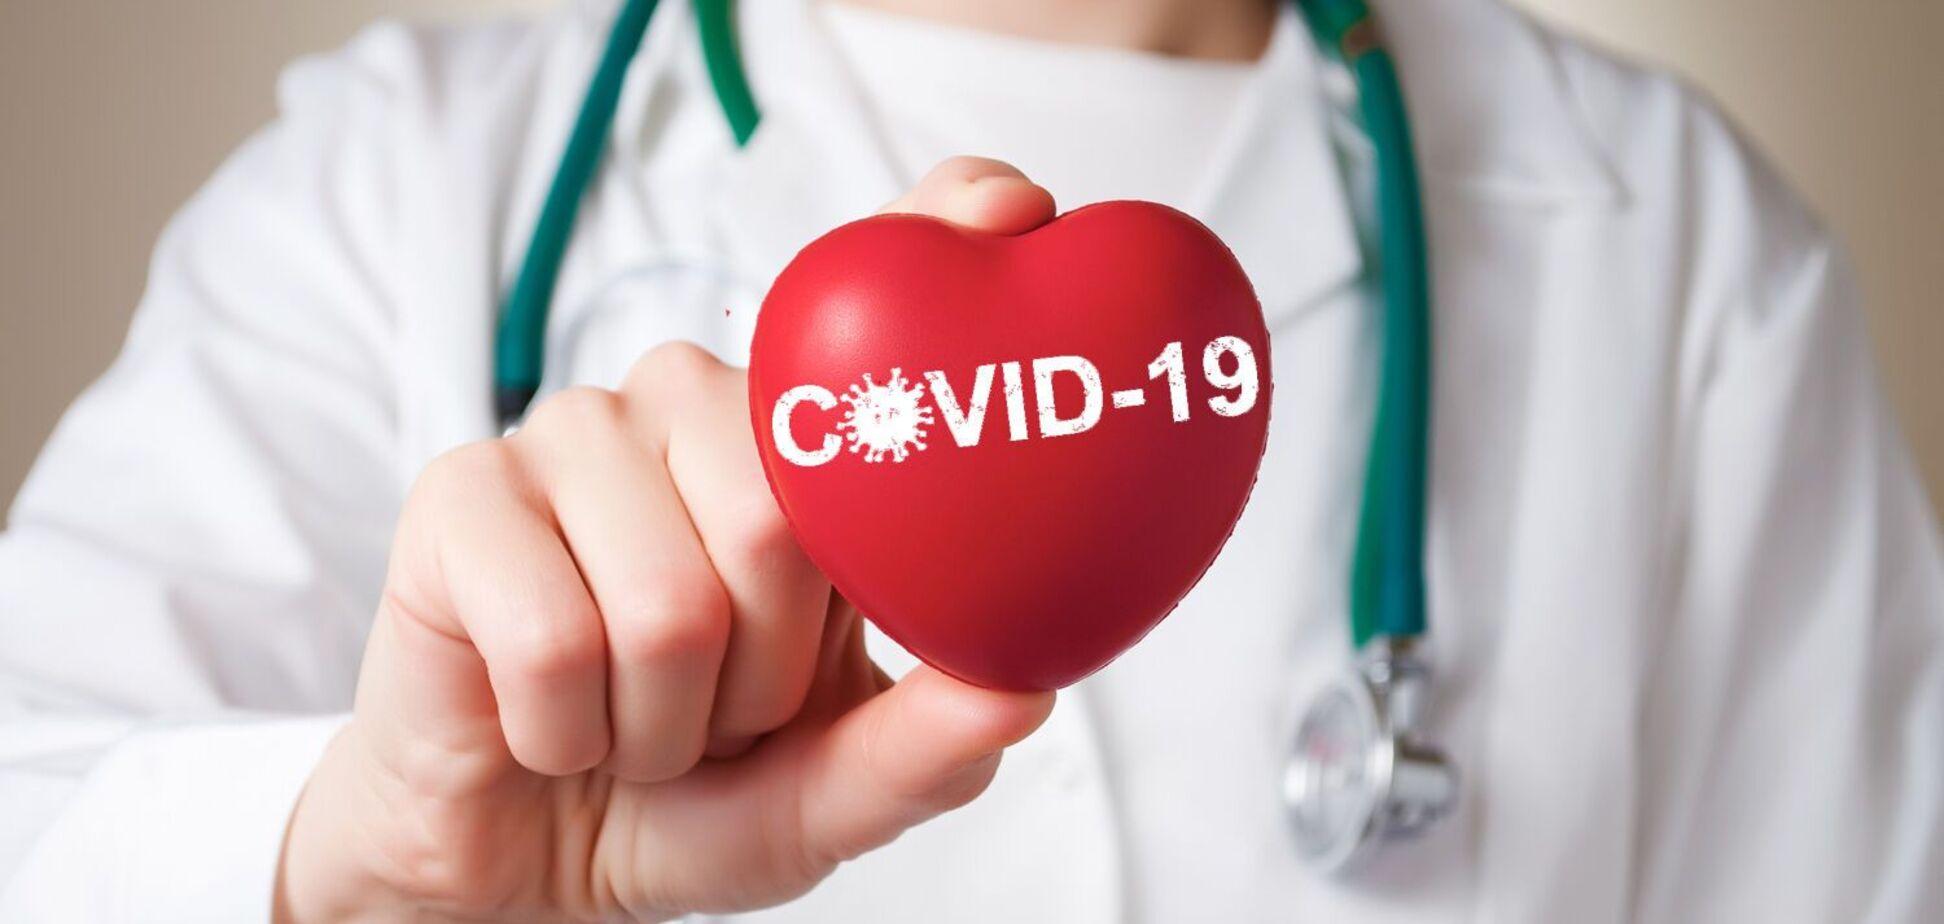 Переболеть COVID-19 – далеко не всегда означает выздороветь